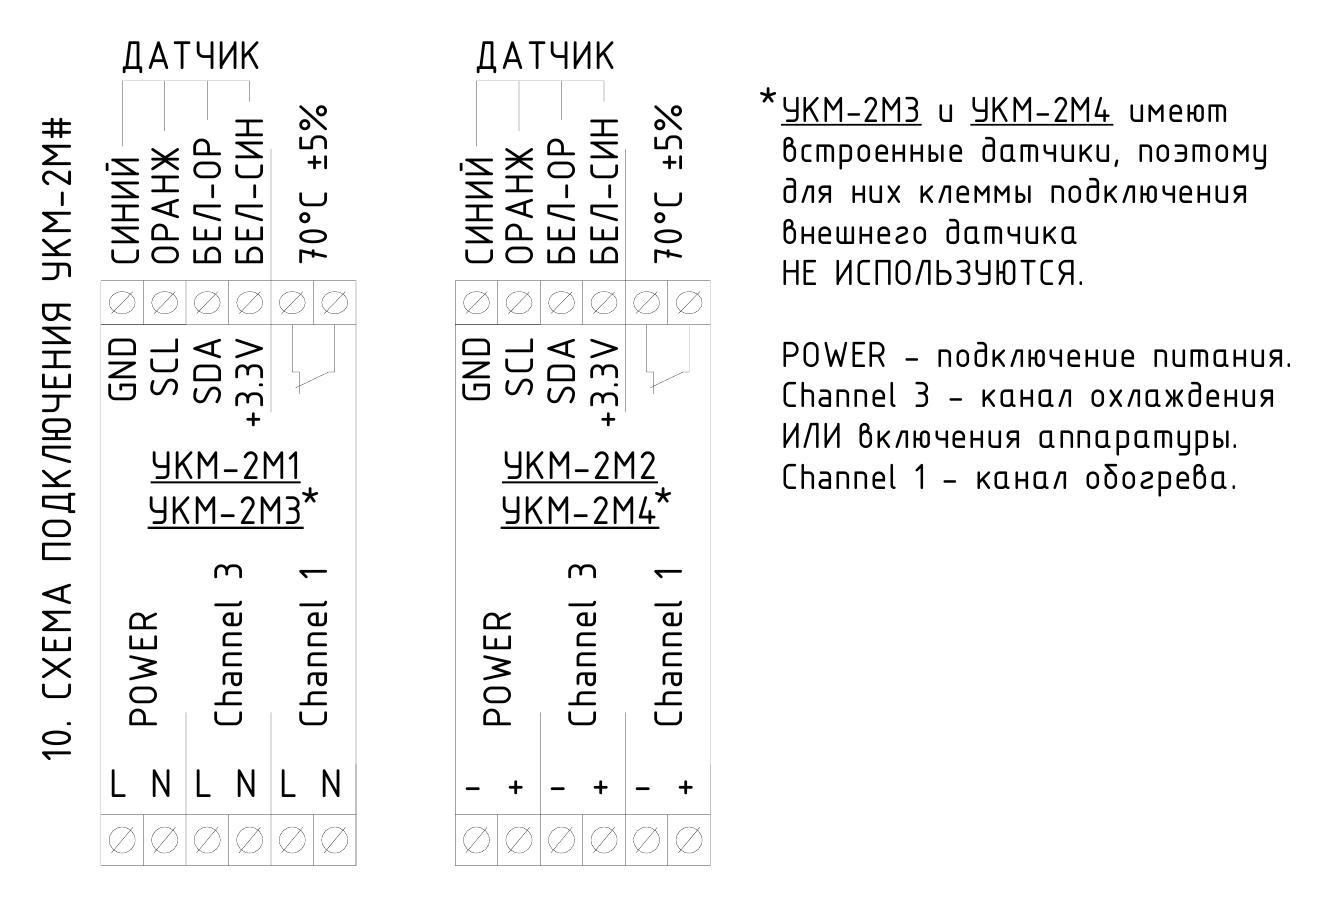 Устройство контроля микроклимата УКМ-2М - схема подключения